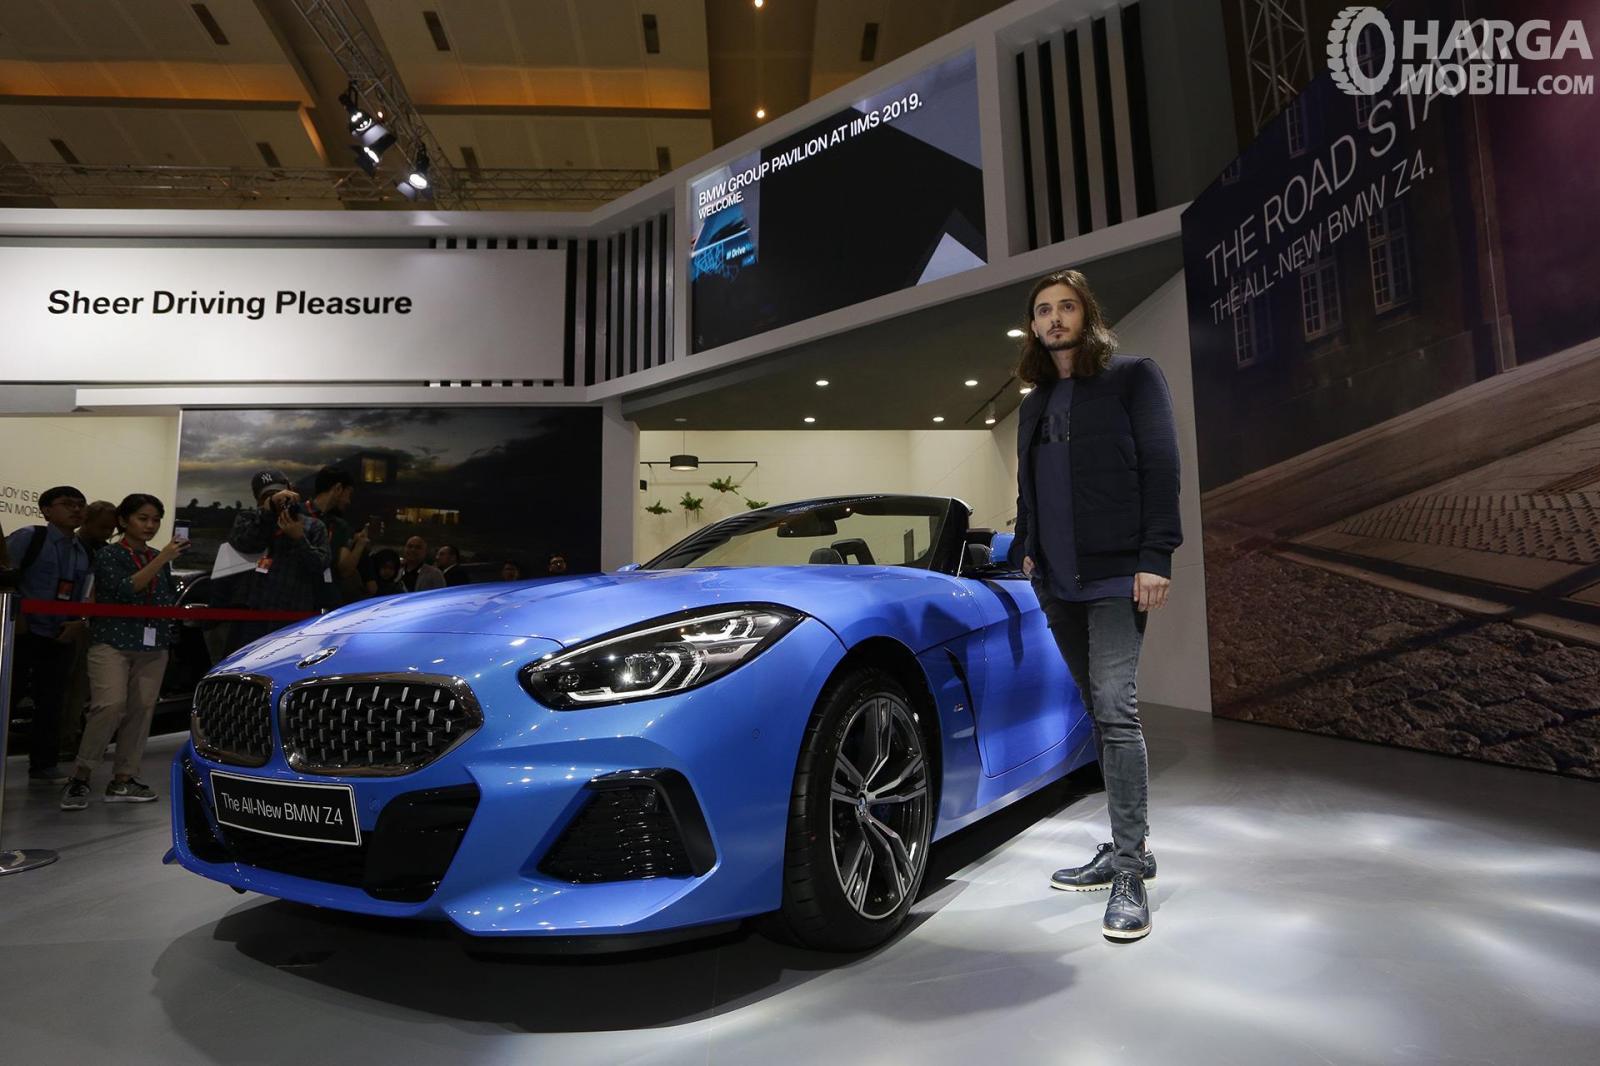 Gambar menunjukkan seorang laki-laki sedang memfoto bersama mobil All New BMW Z4 Hargamobil